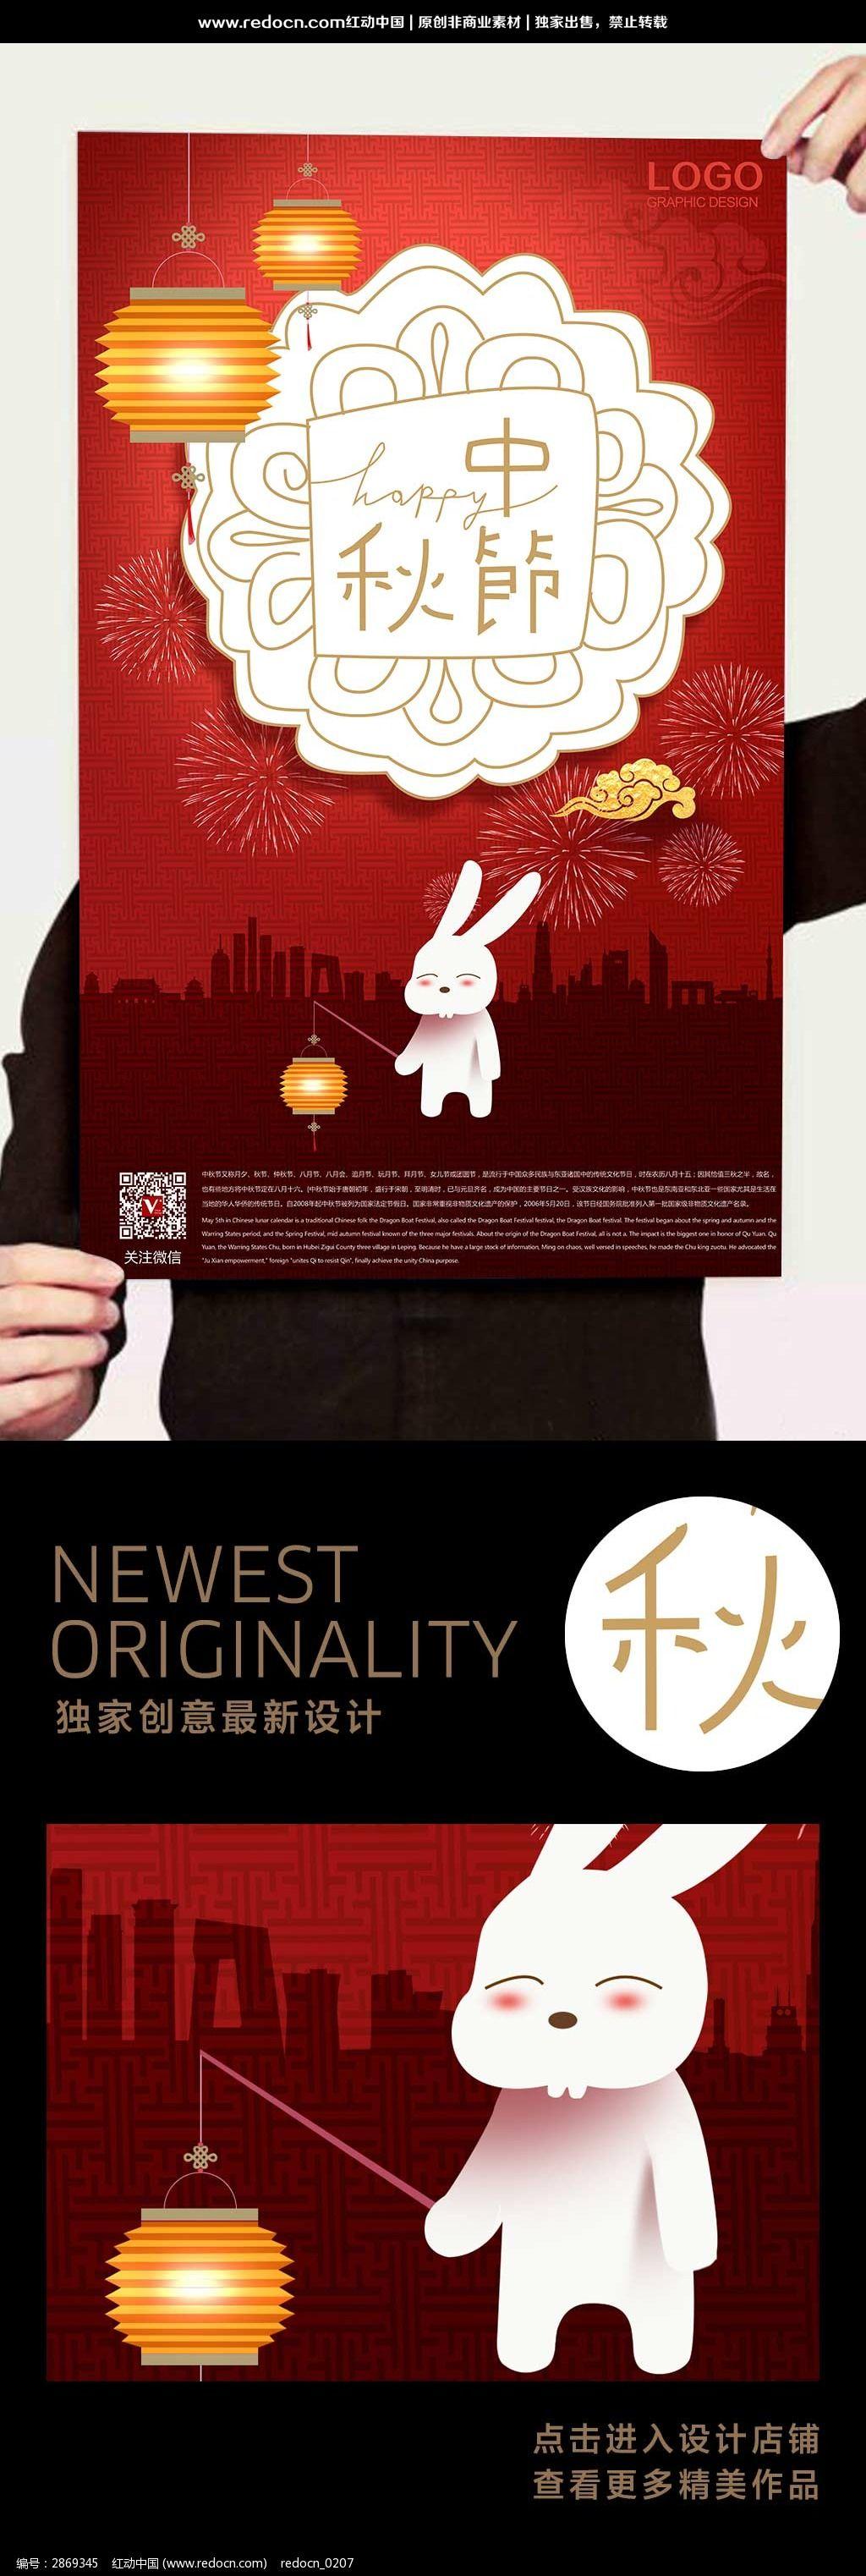 中秋节创意宣传海报图片